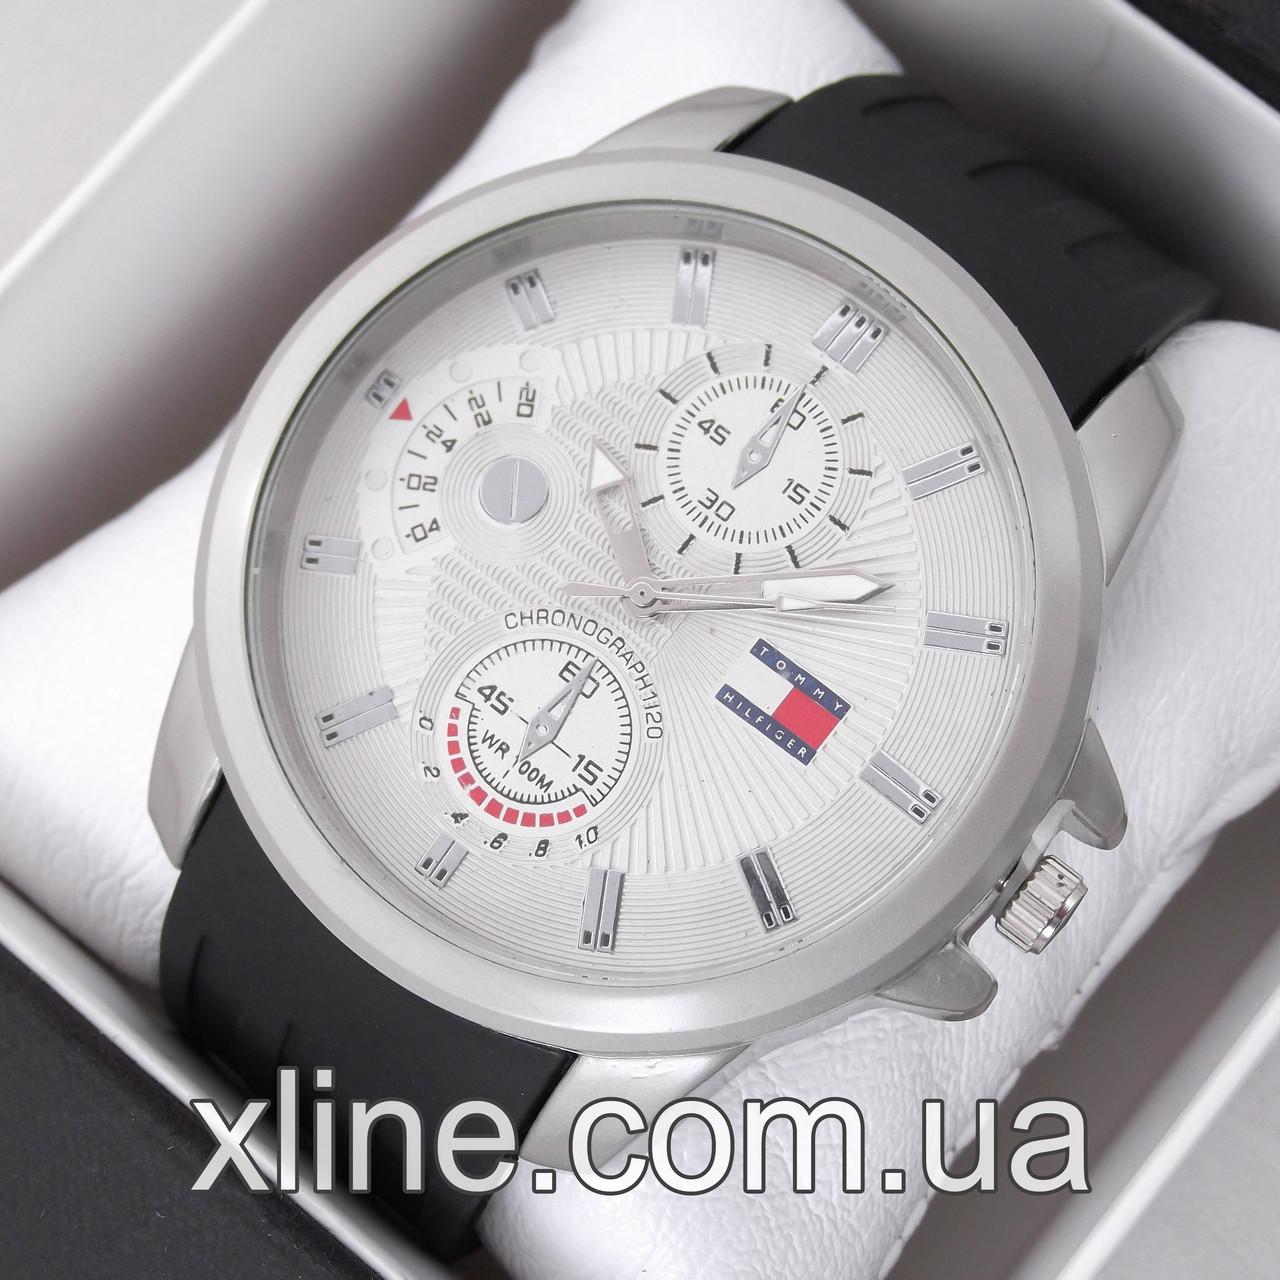 Мужские наручные часы Tommy Hilfiger M231 на каучуковом ремешке